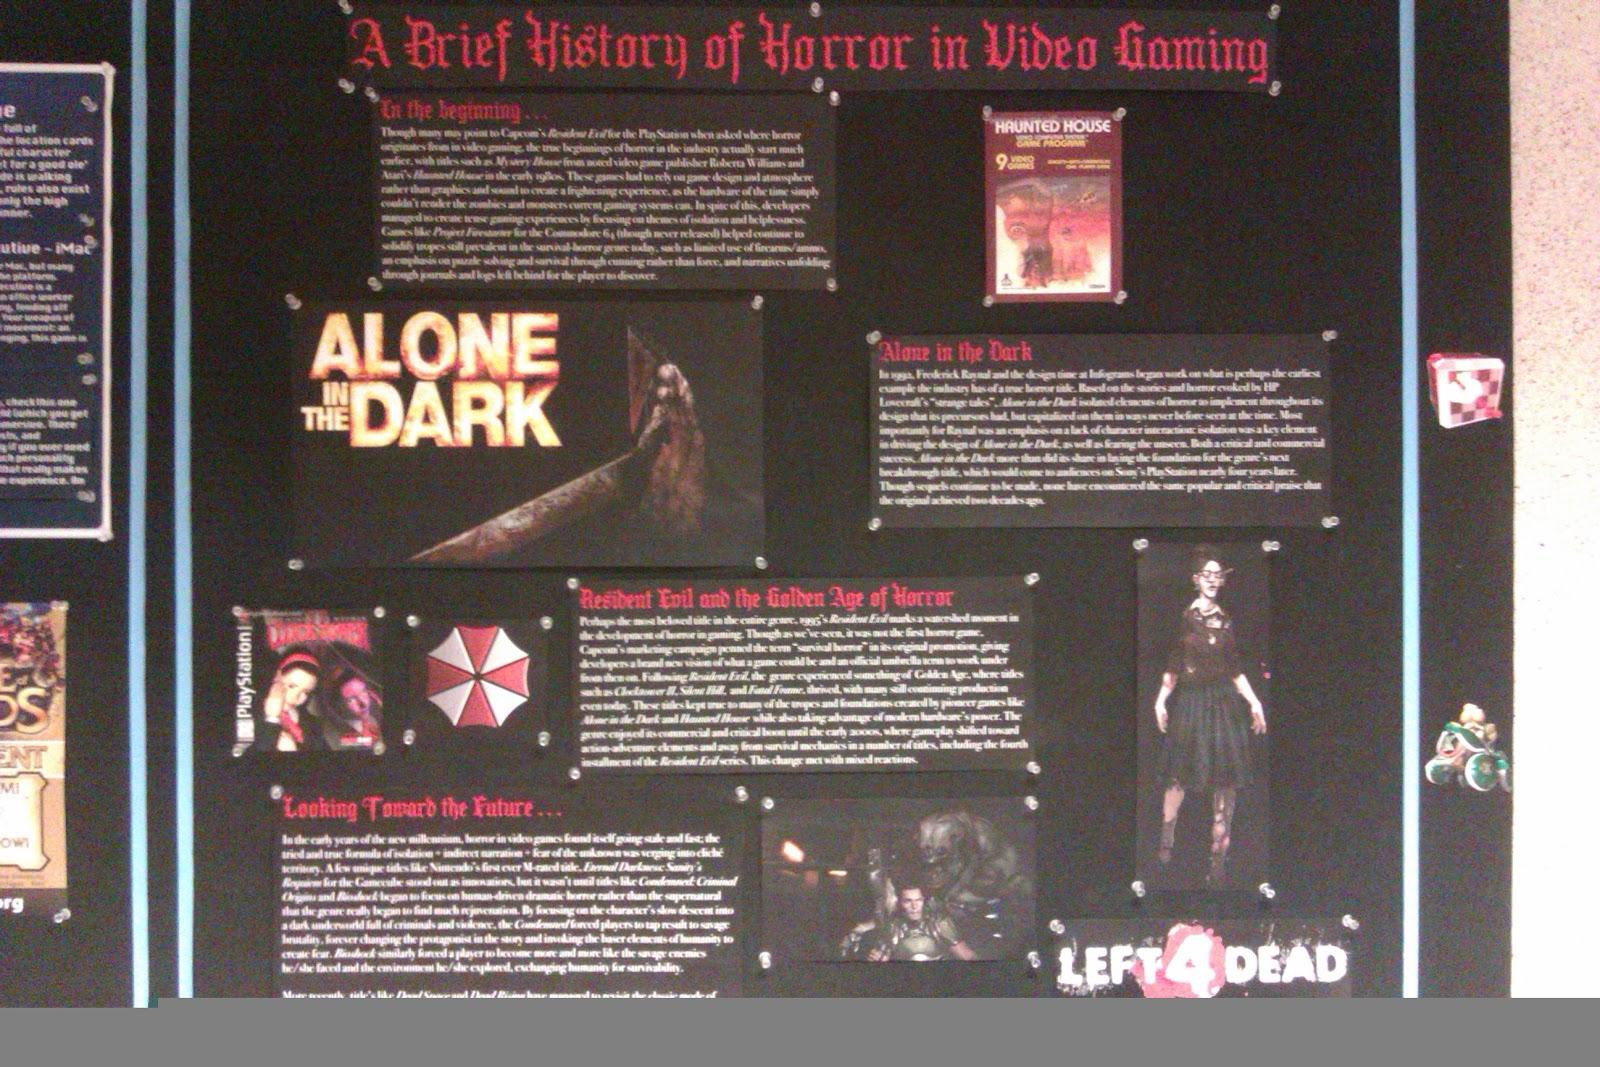 Horror in Video Gaming display